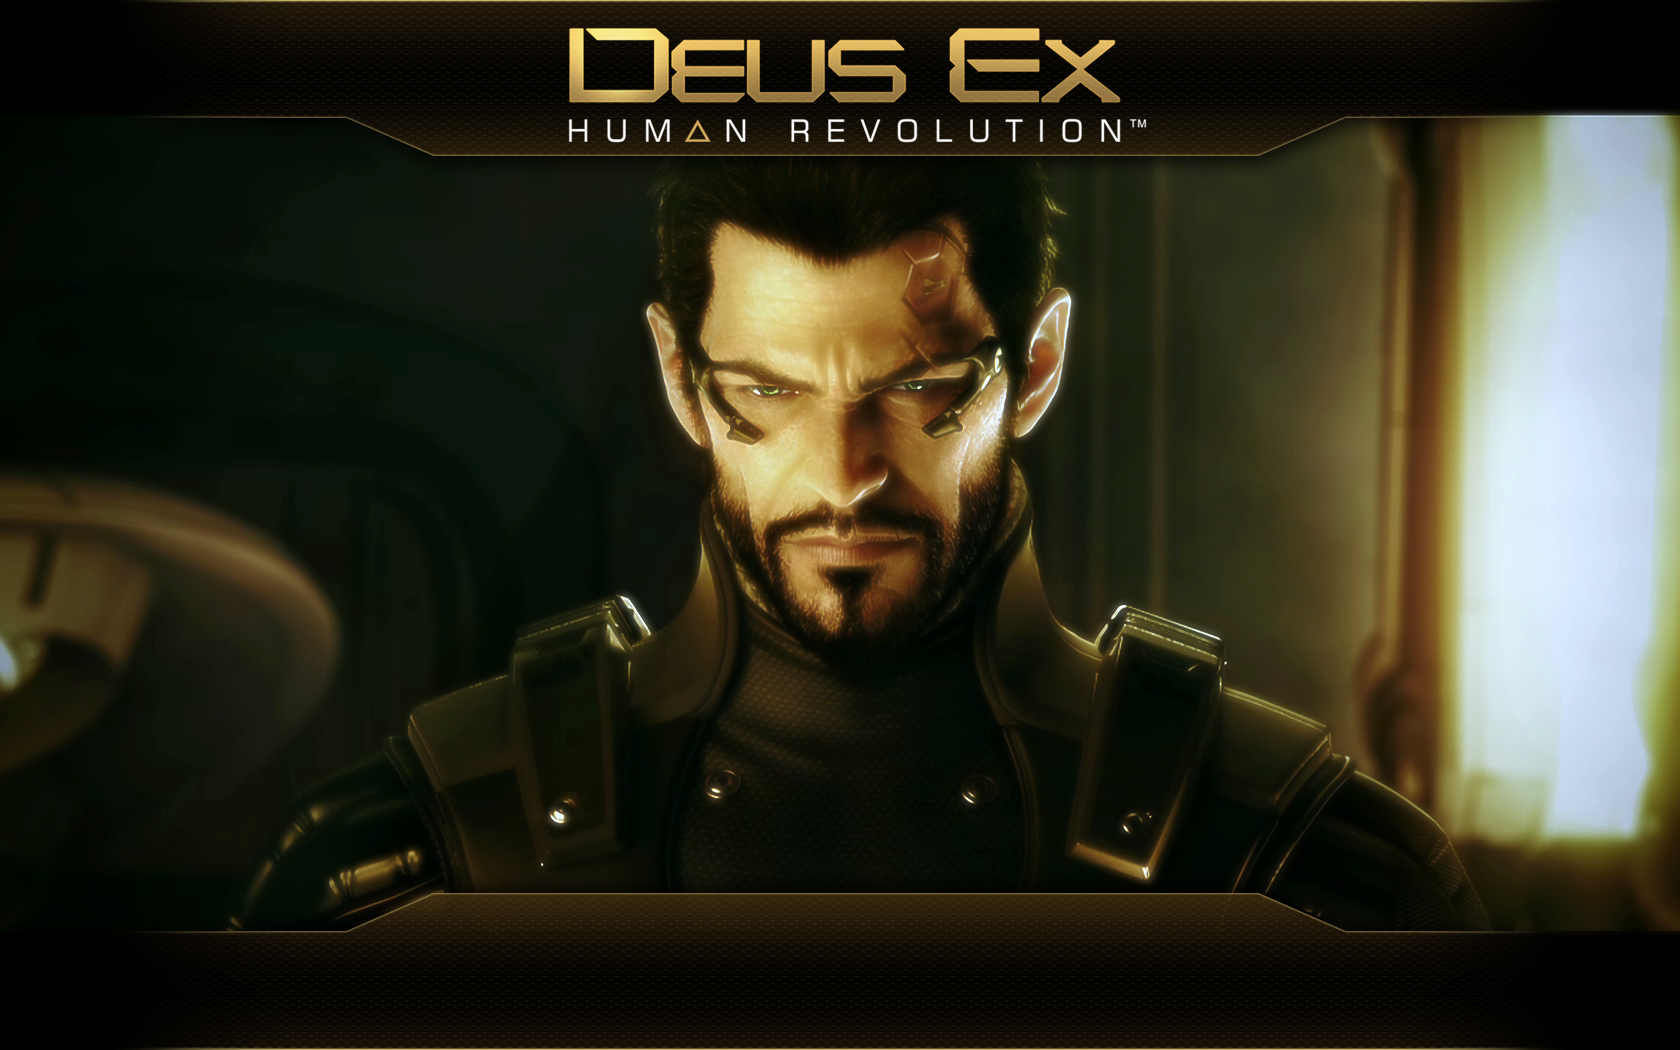 deus_ex